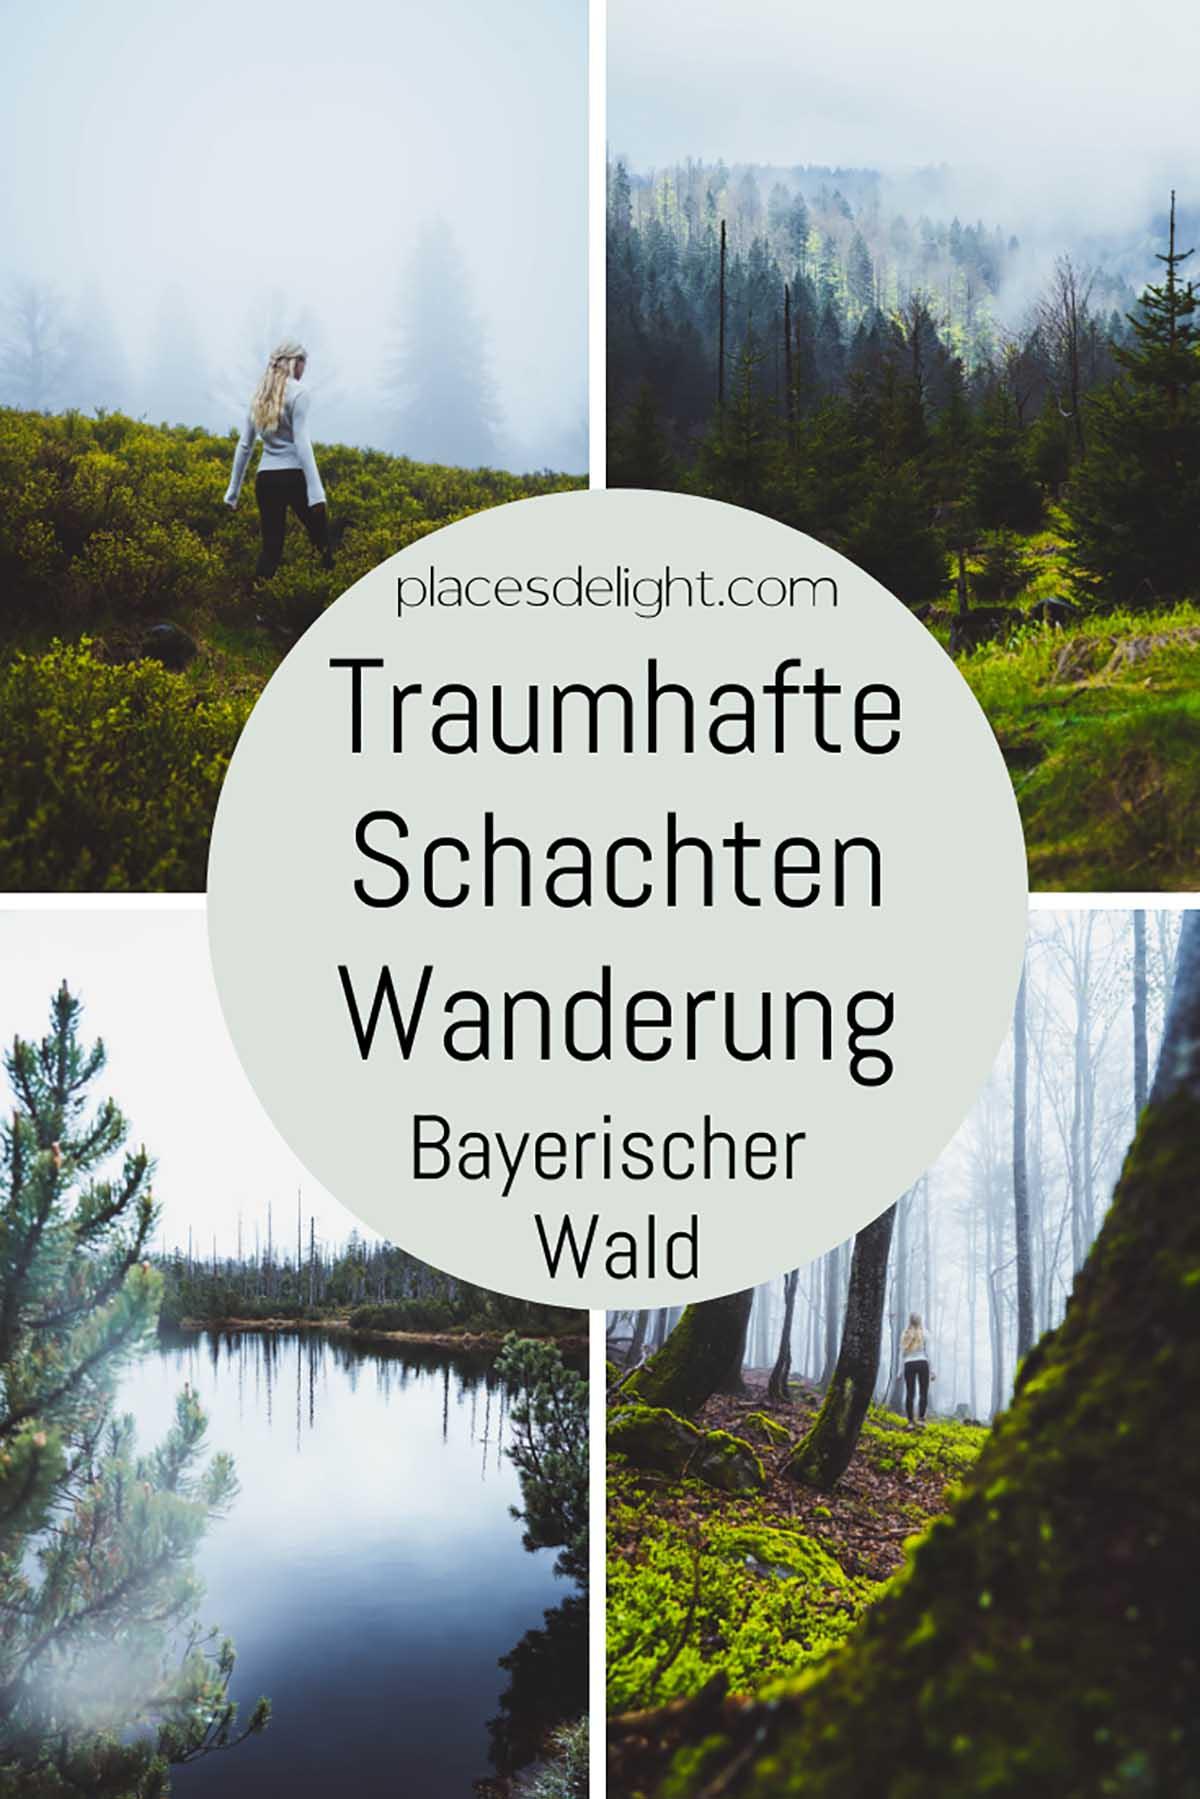 placesdelight-schachten-wanderung-filze-bayerischer-wald